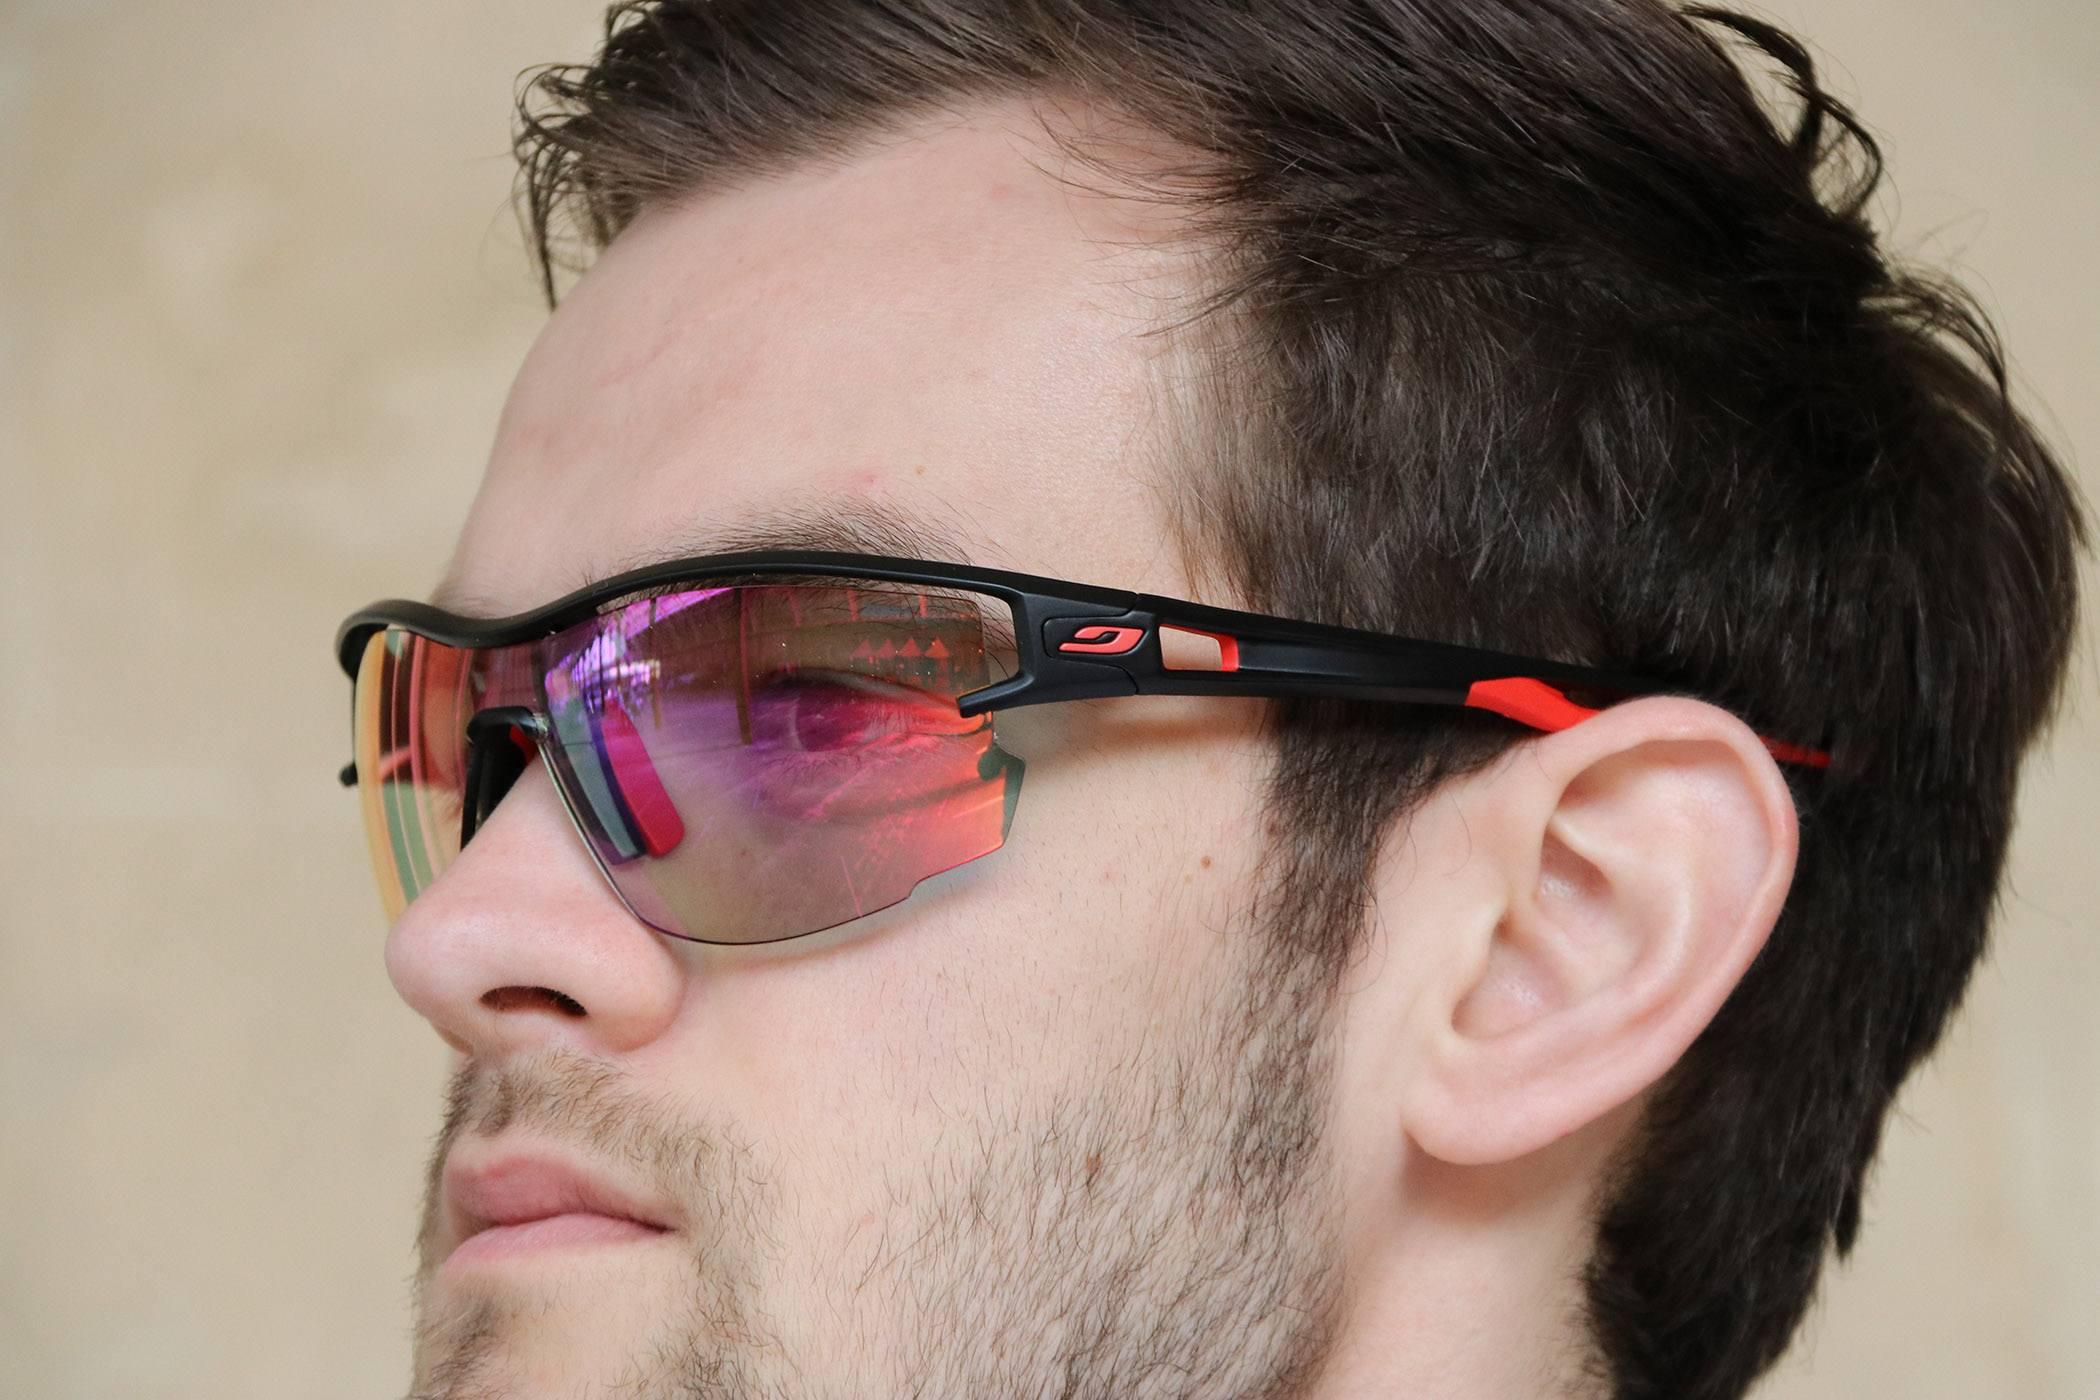 SunglassesRoad Zebra Light Aero cc ReviewJulbo DHI29E